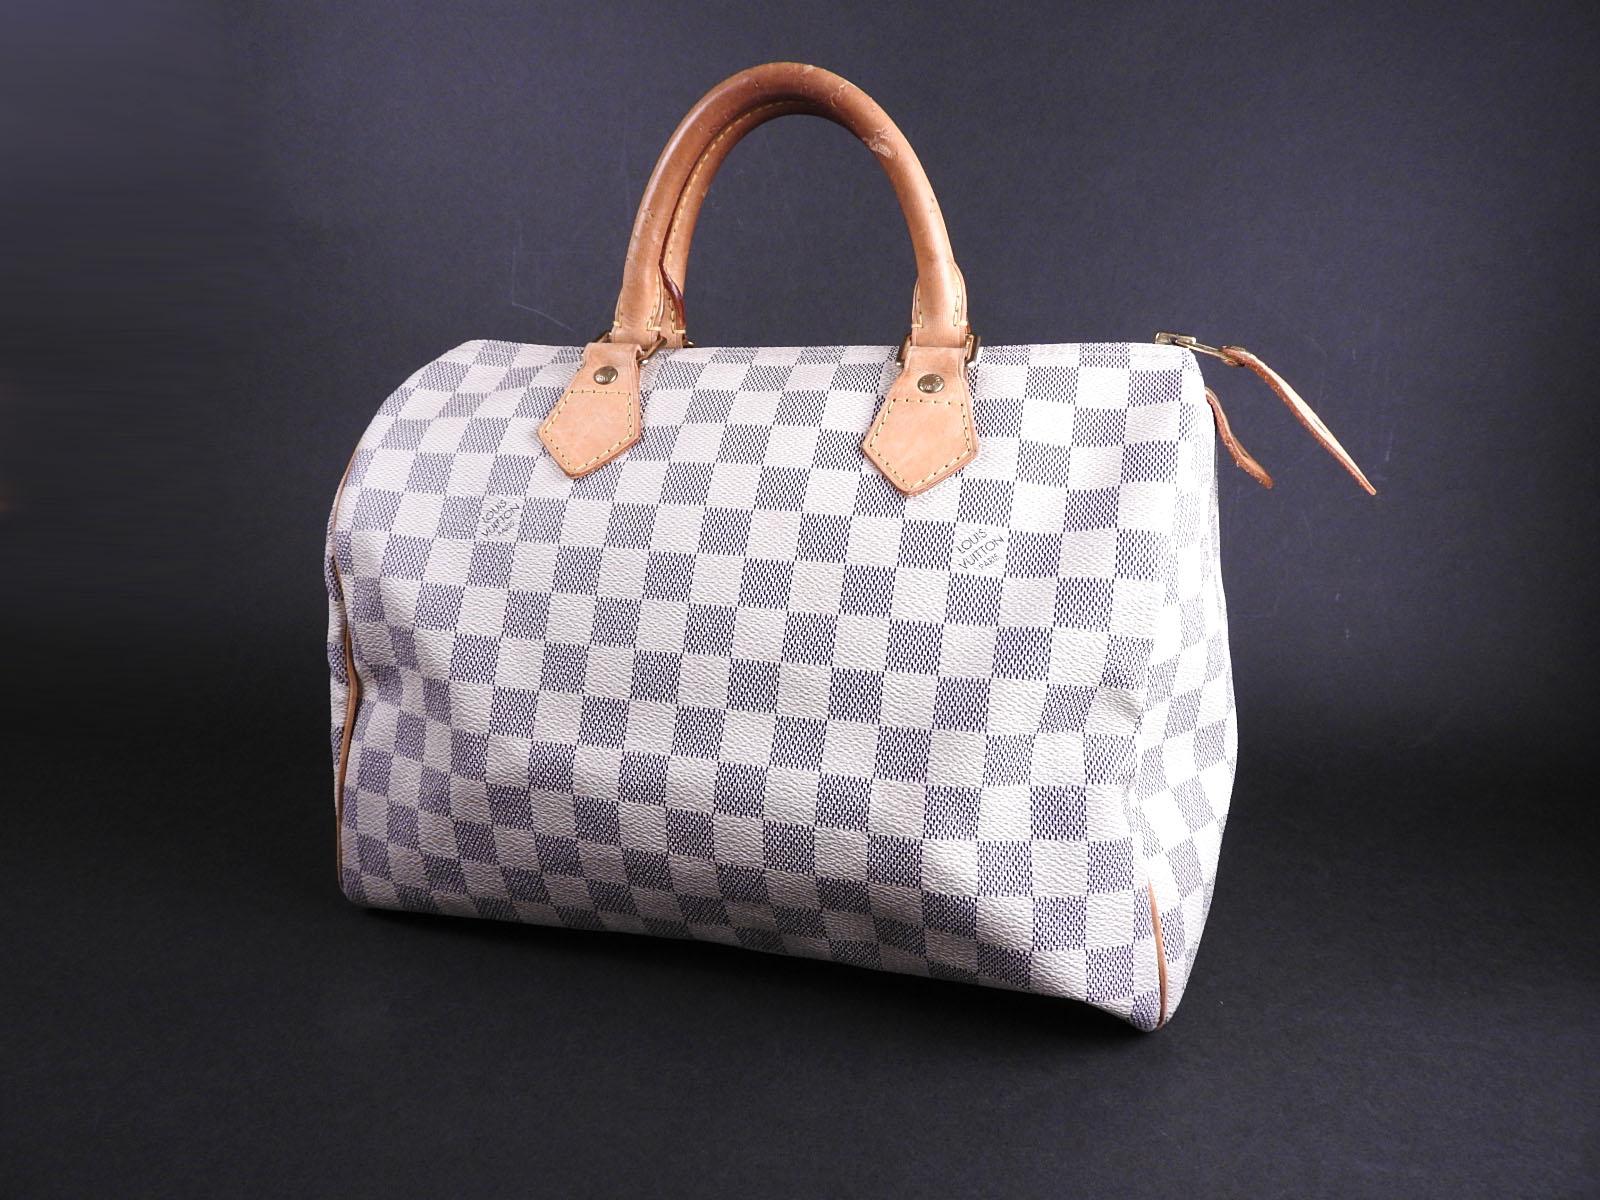 e8a632b9c316 Auth LOUIS VUITTON Speedy 30 Damier Azur Hand Bag Boston Bag N41533 A-9222